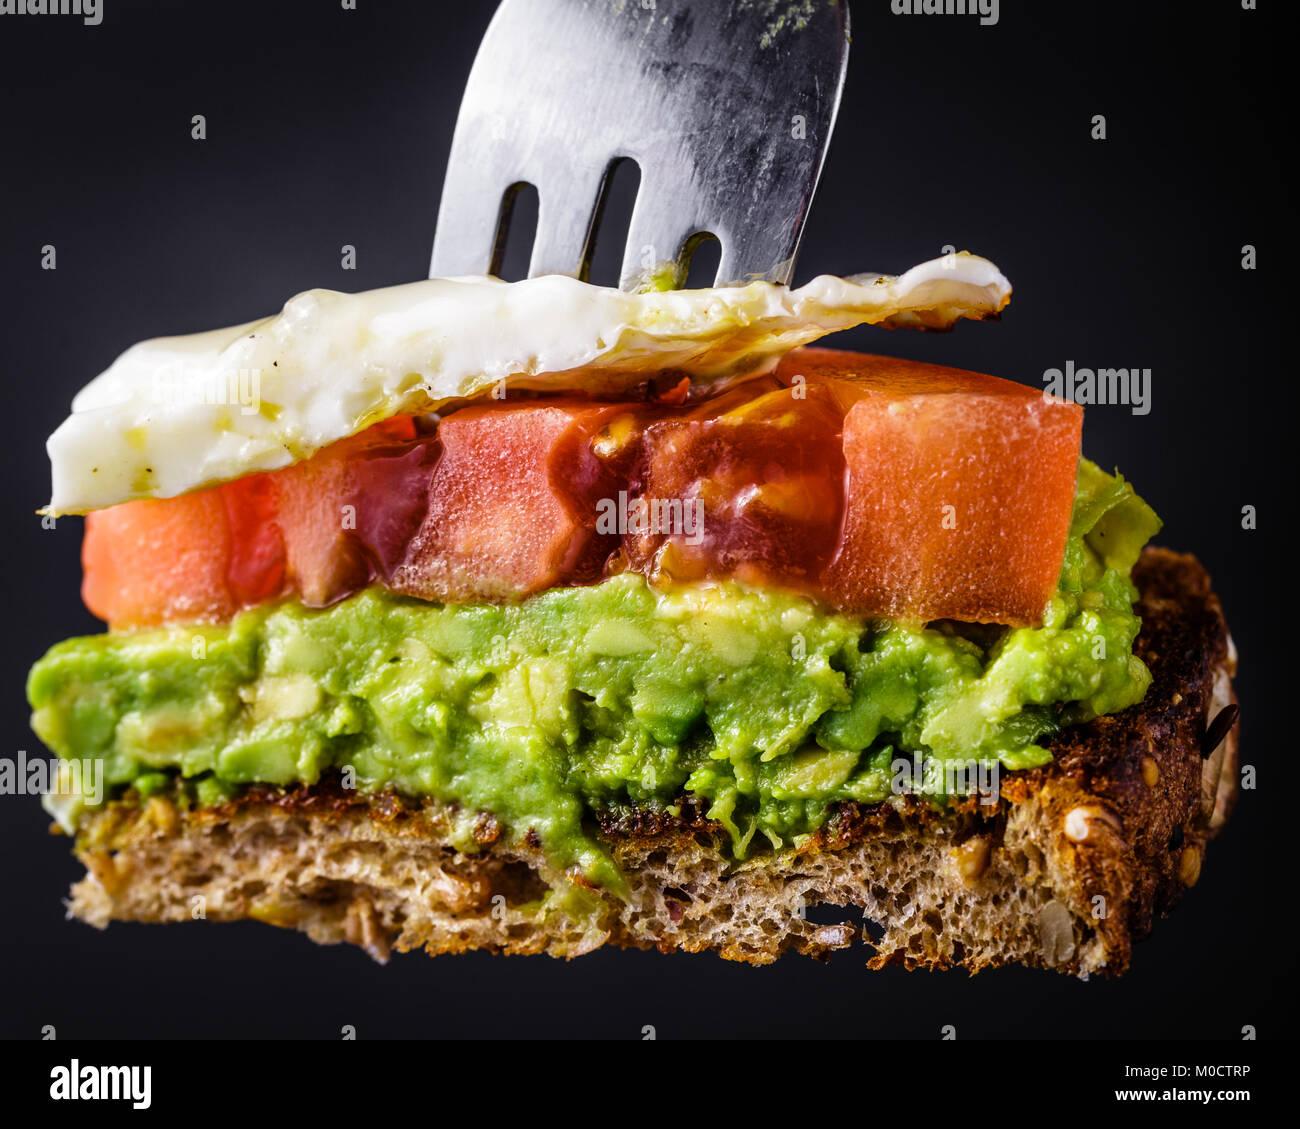 Tamaño bocado pedazo de aguacate tostadas con tomate y un huevo frito en una horquilla. Aislado en un fondo Imagen De Stock